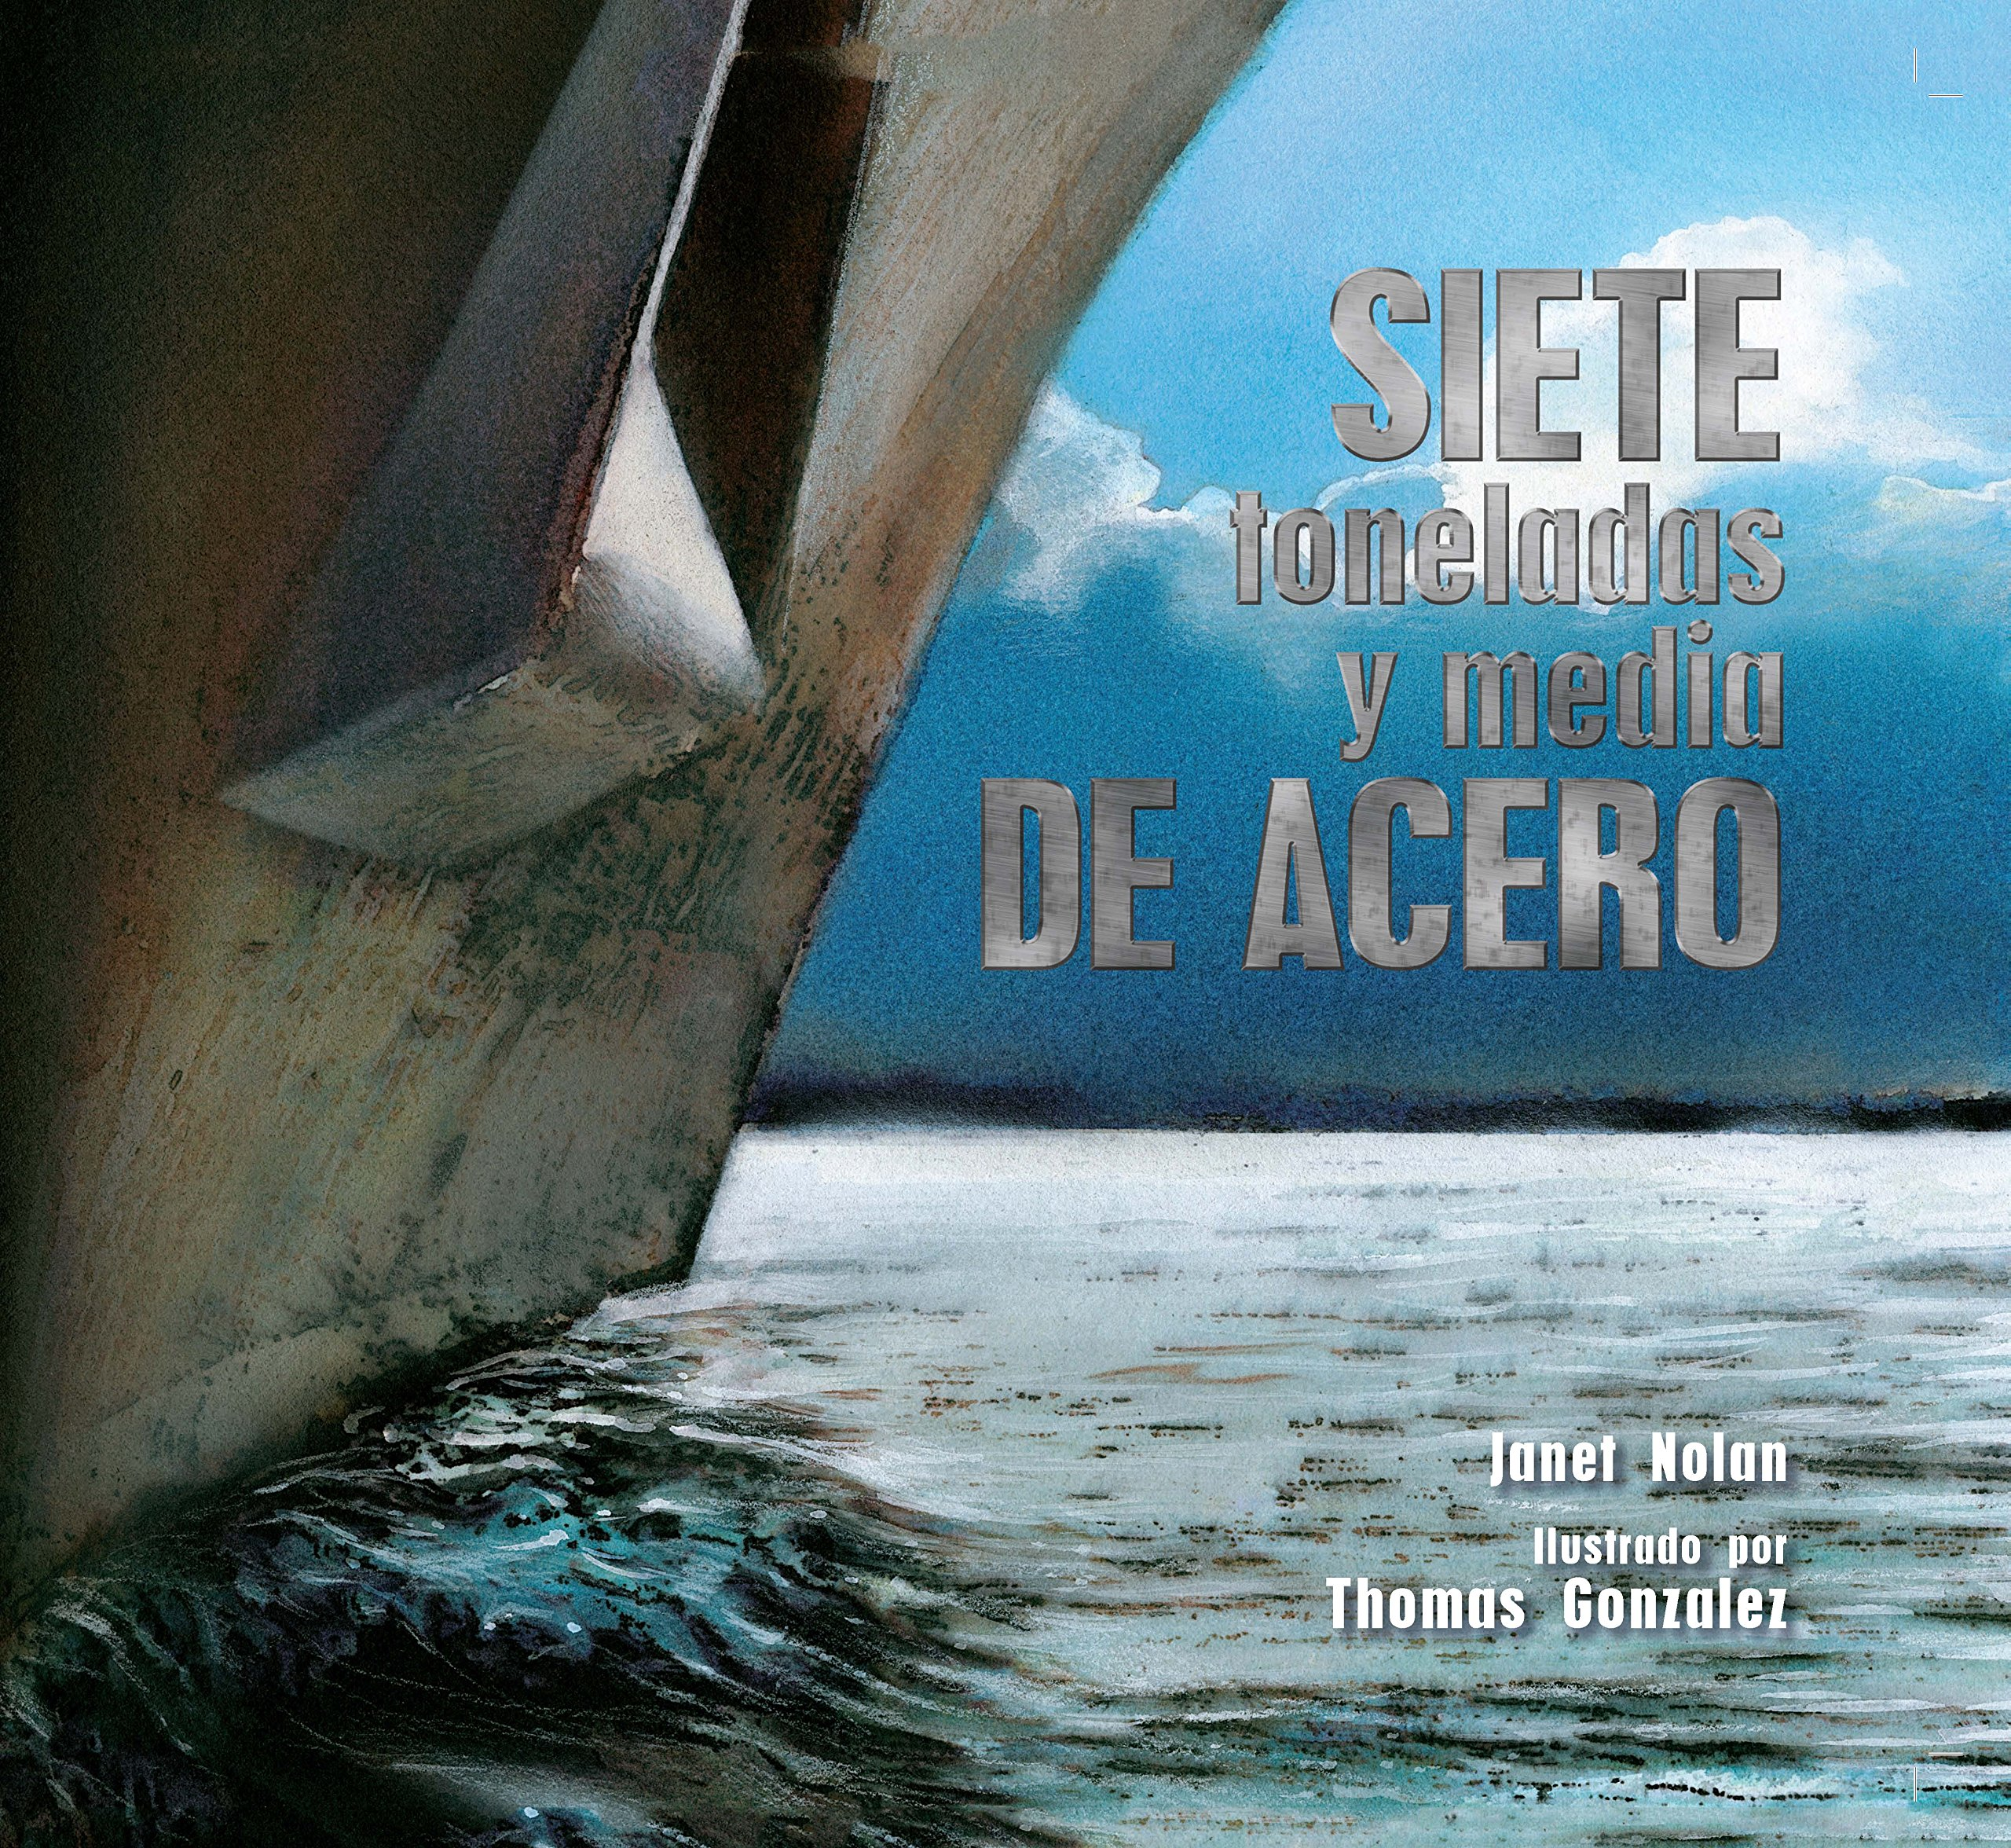 Siete toneladas y media de acero (Spanish Edition)